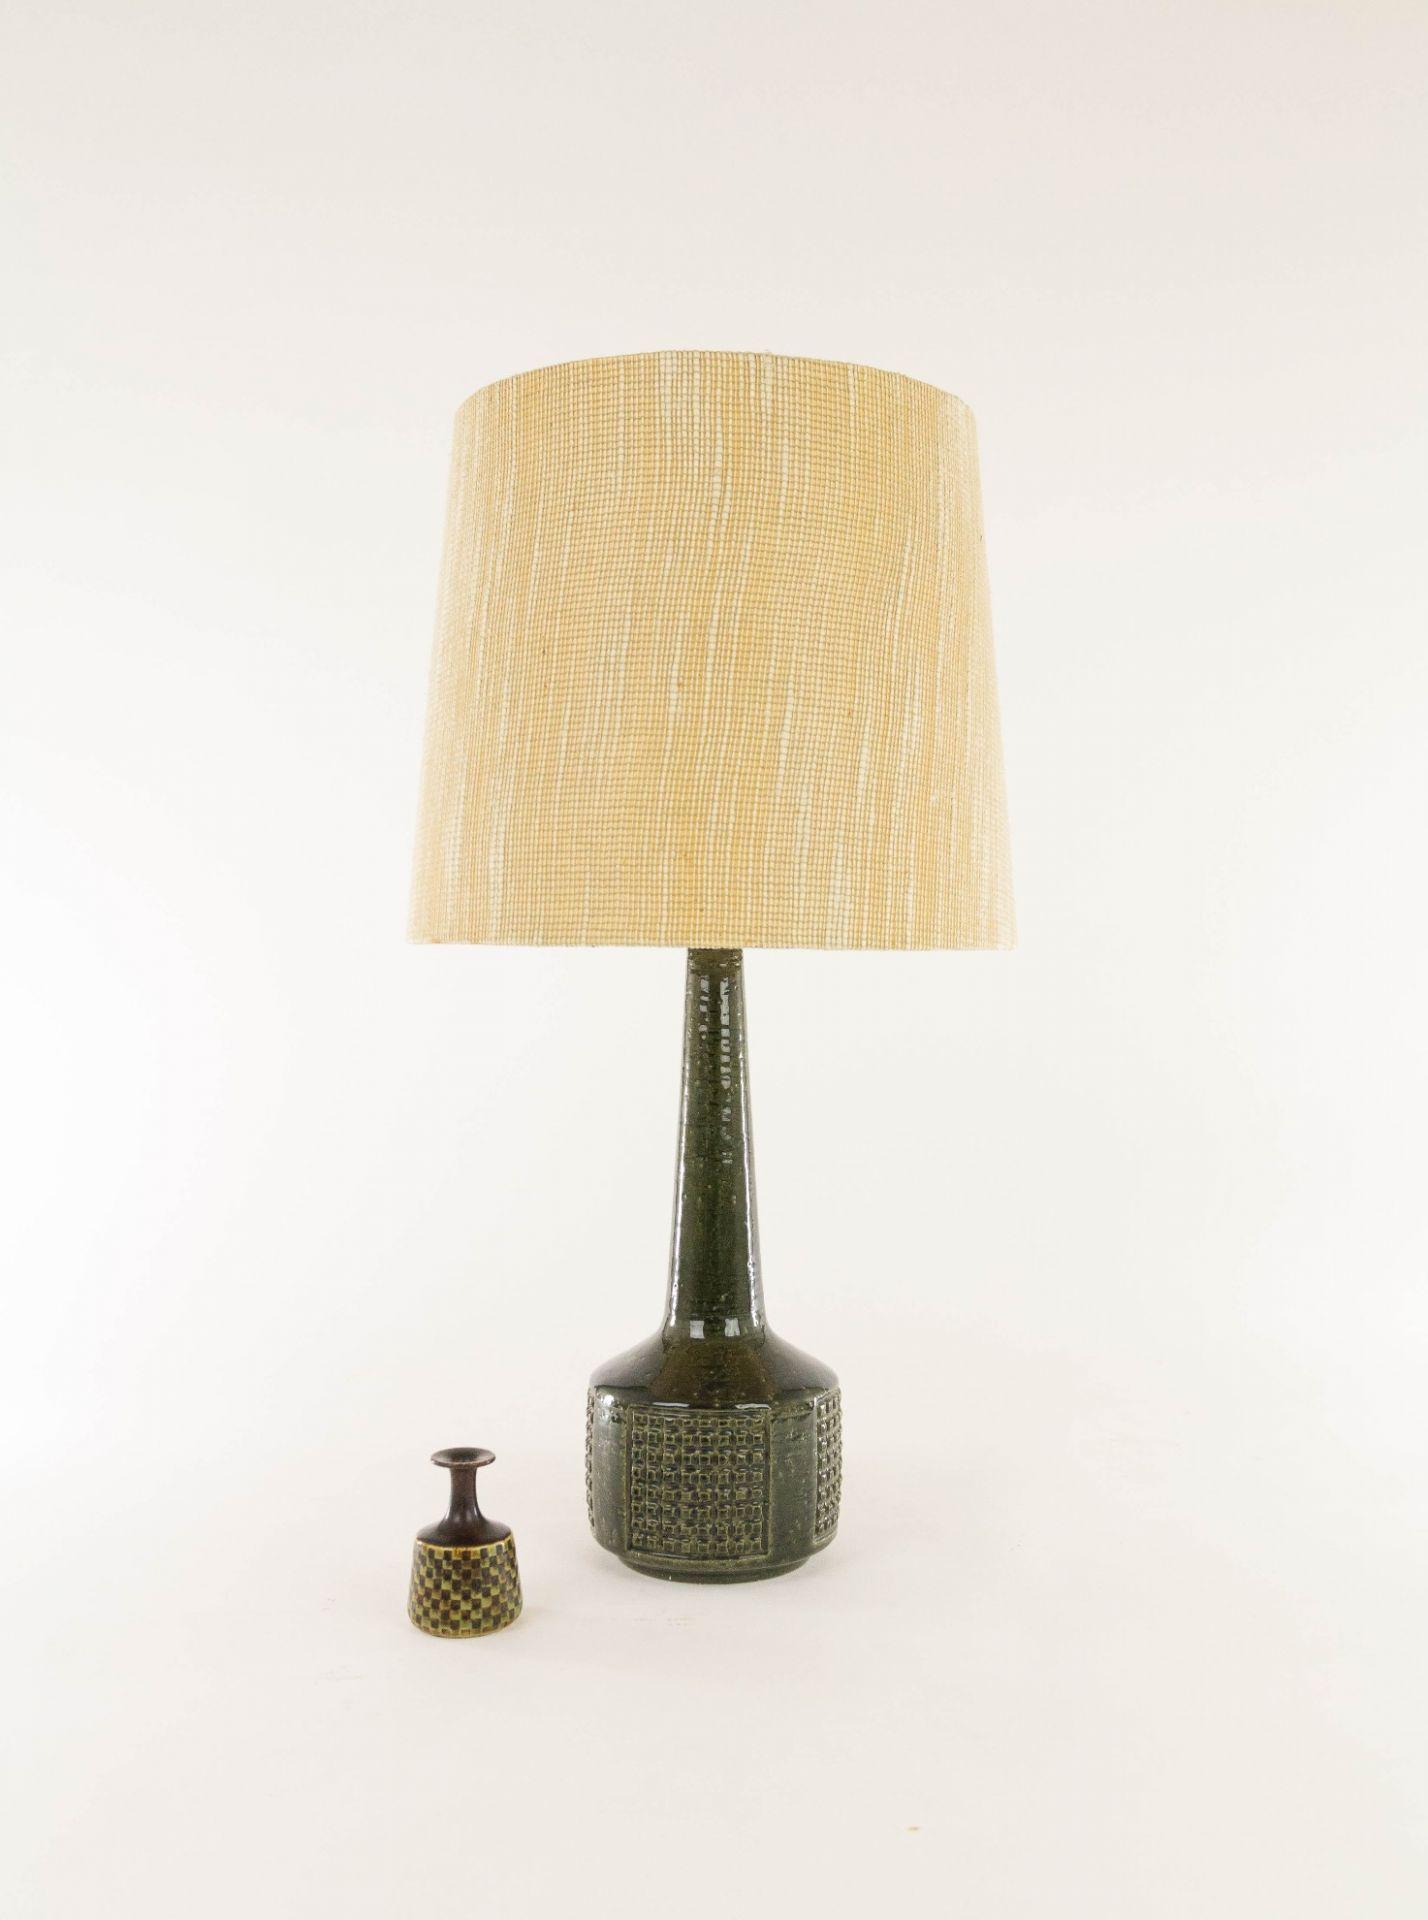 Palshus table lamp model DL/35 by Annelise and Per Linnemann-Schmidt, 1960s